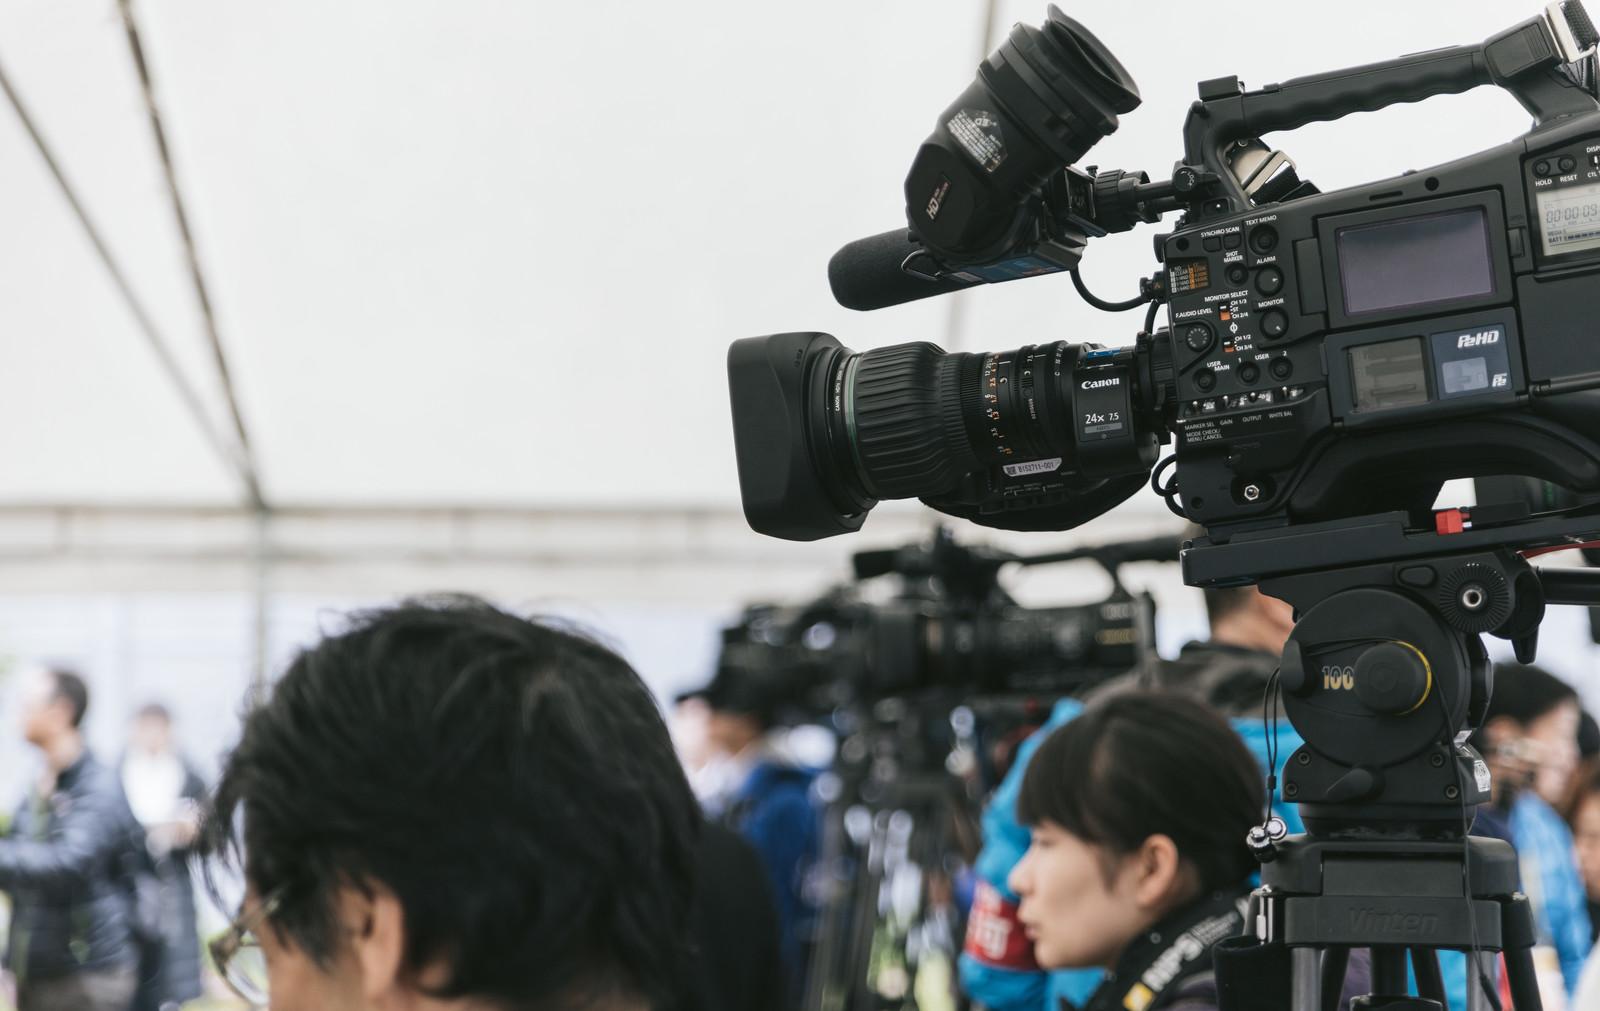 10月21日15時から新日本プロレスが記者会見を生中継|内容はなんだ?